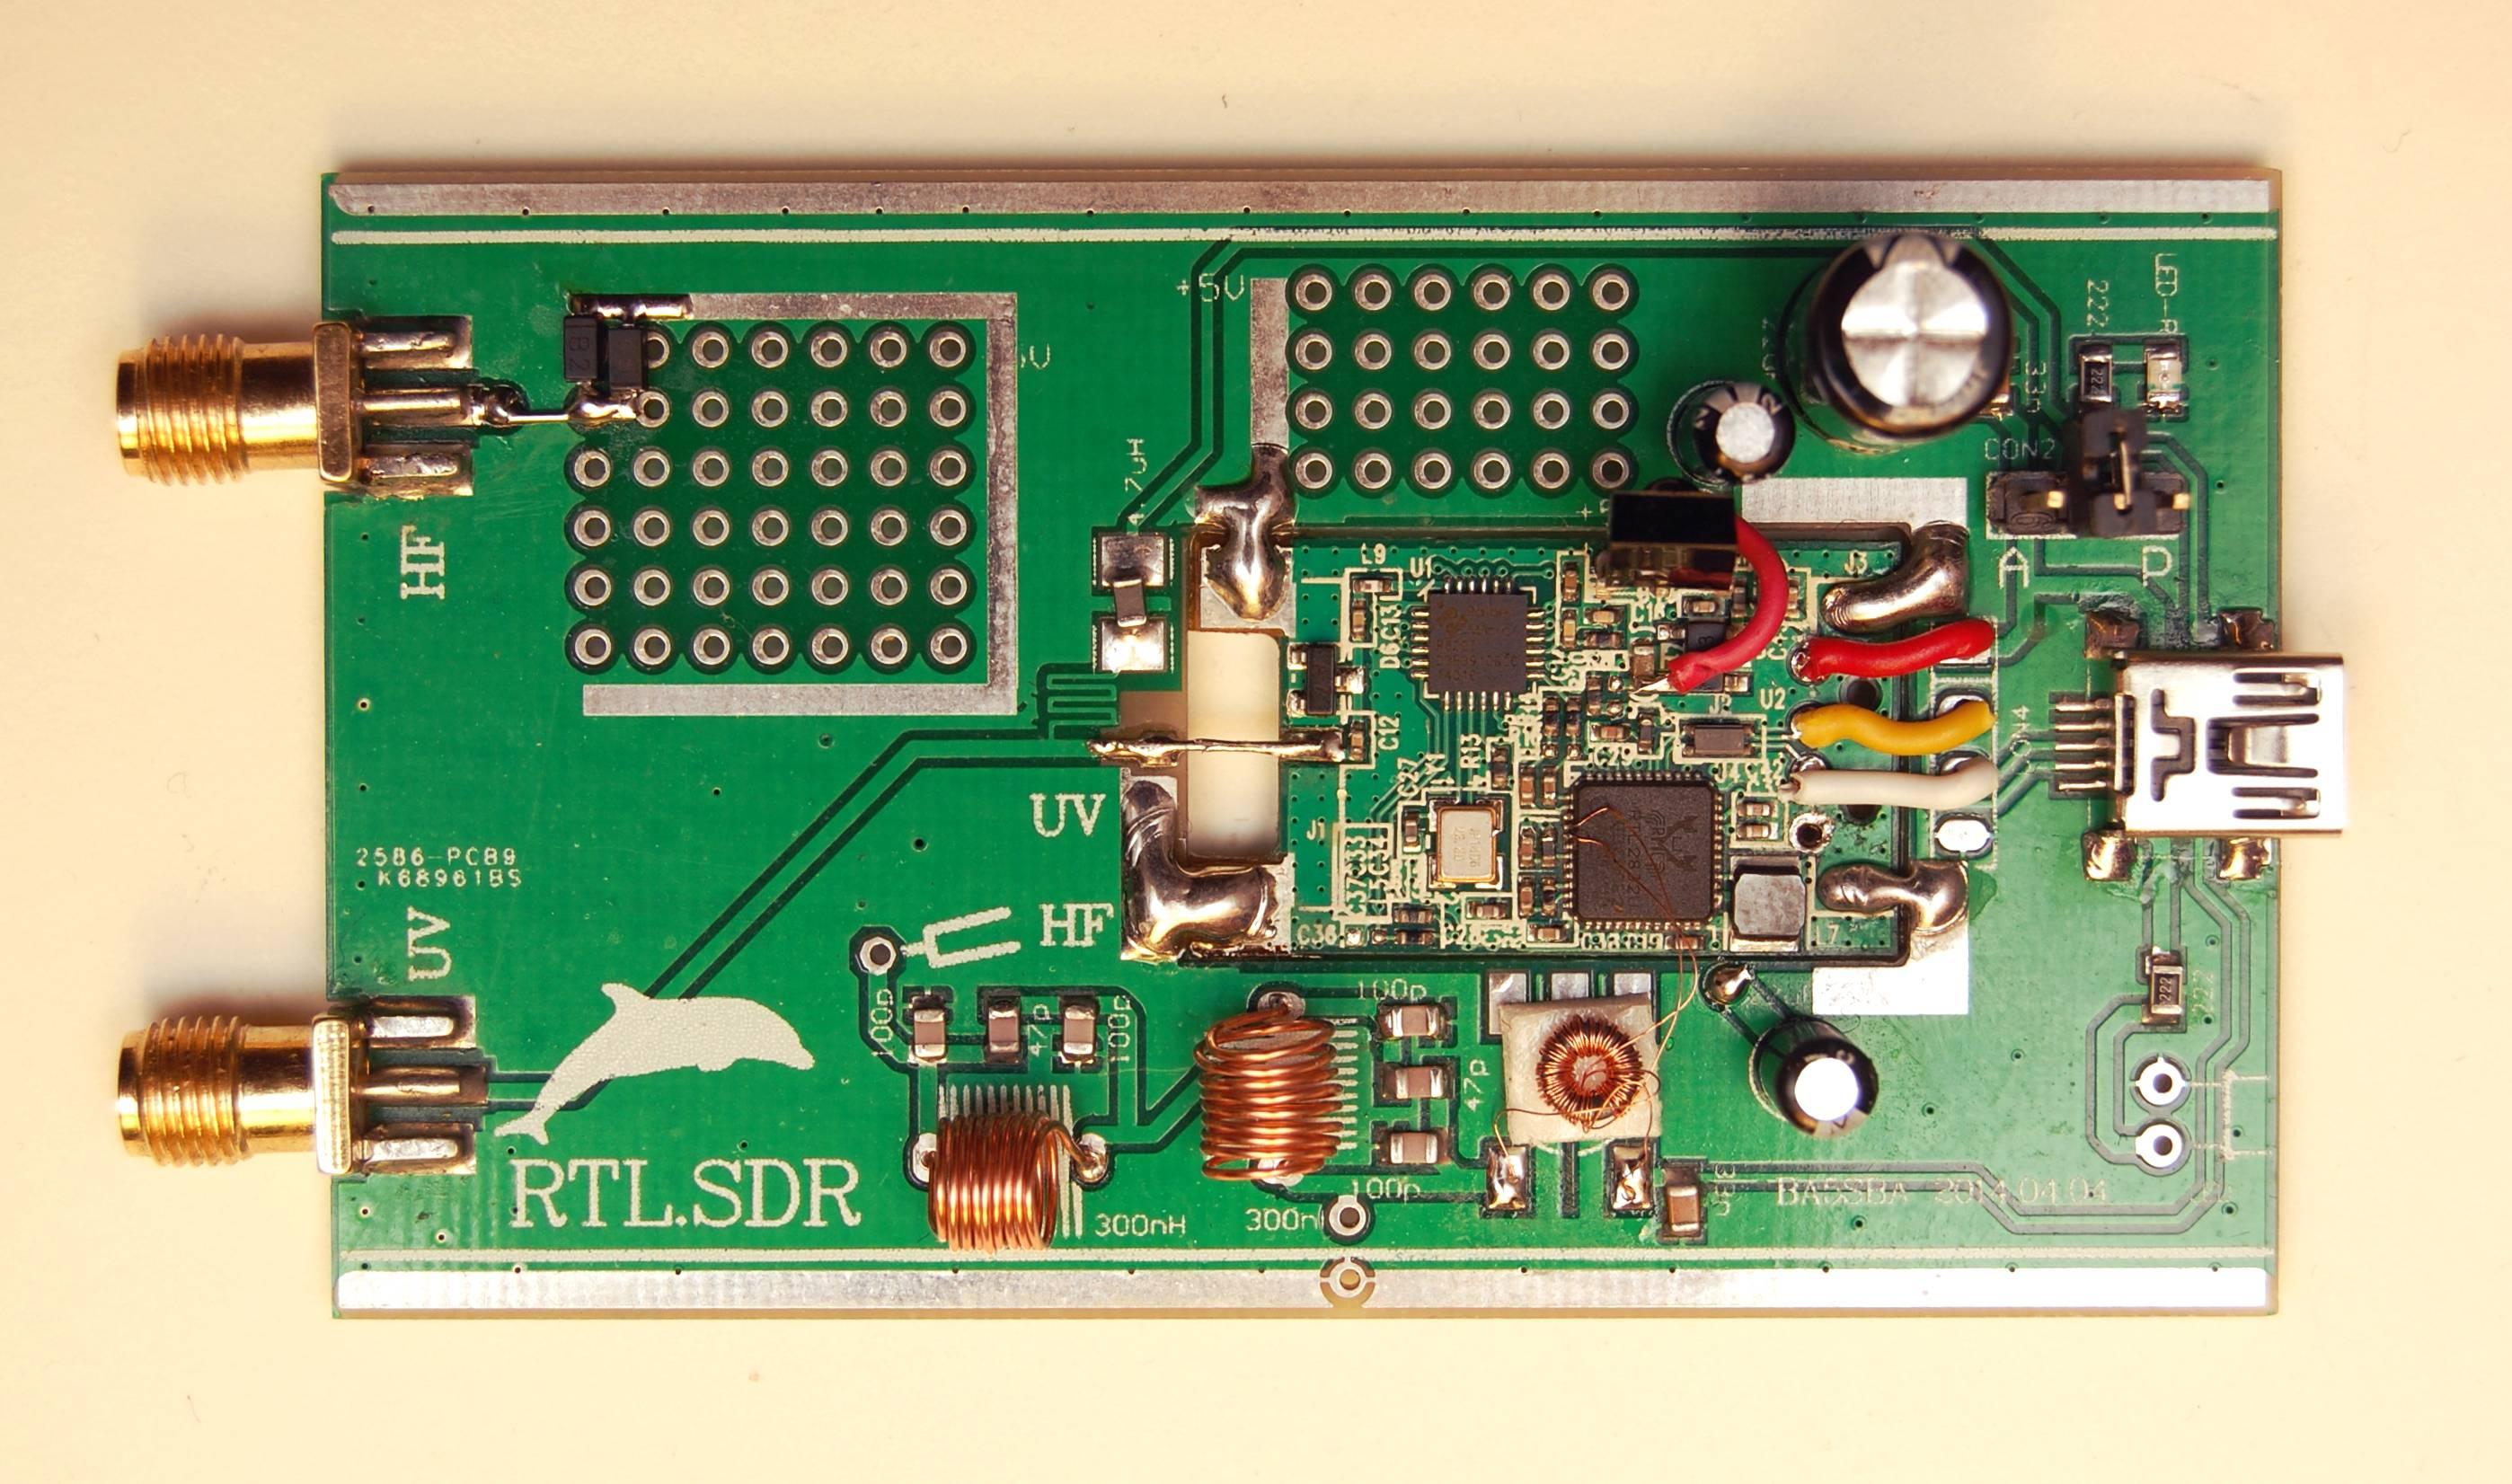 Chinese RTL-SDR Kit